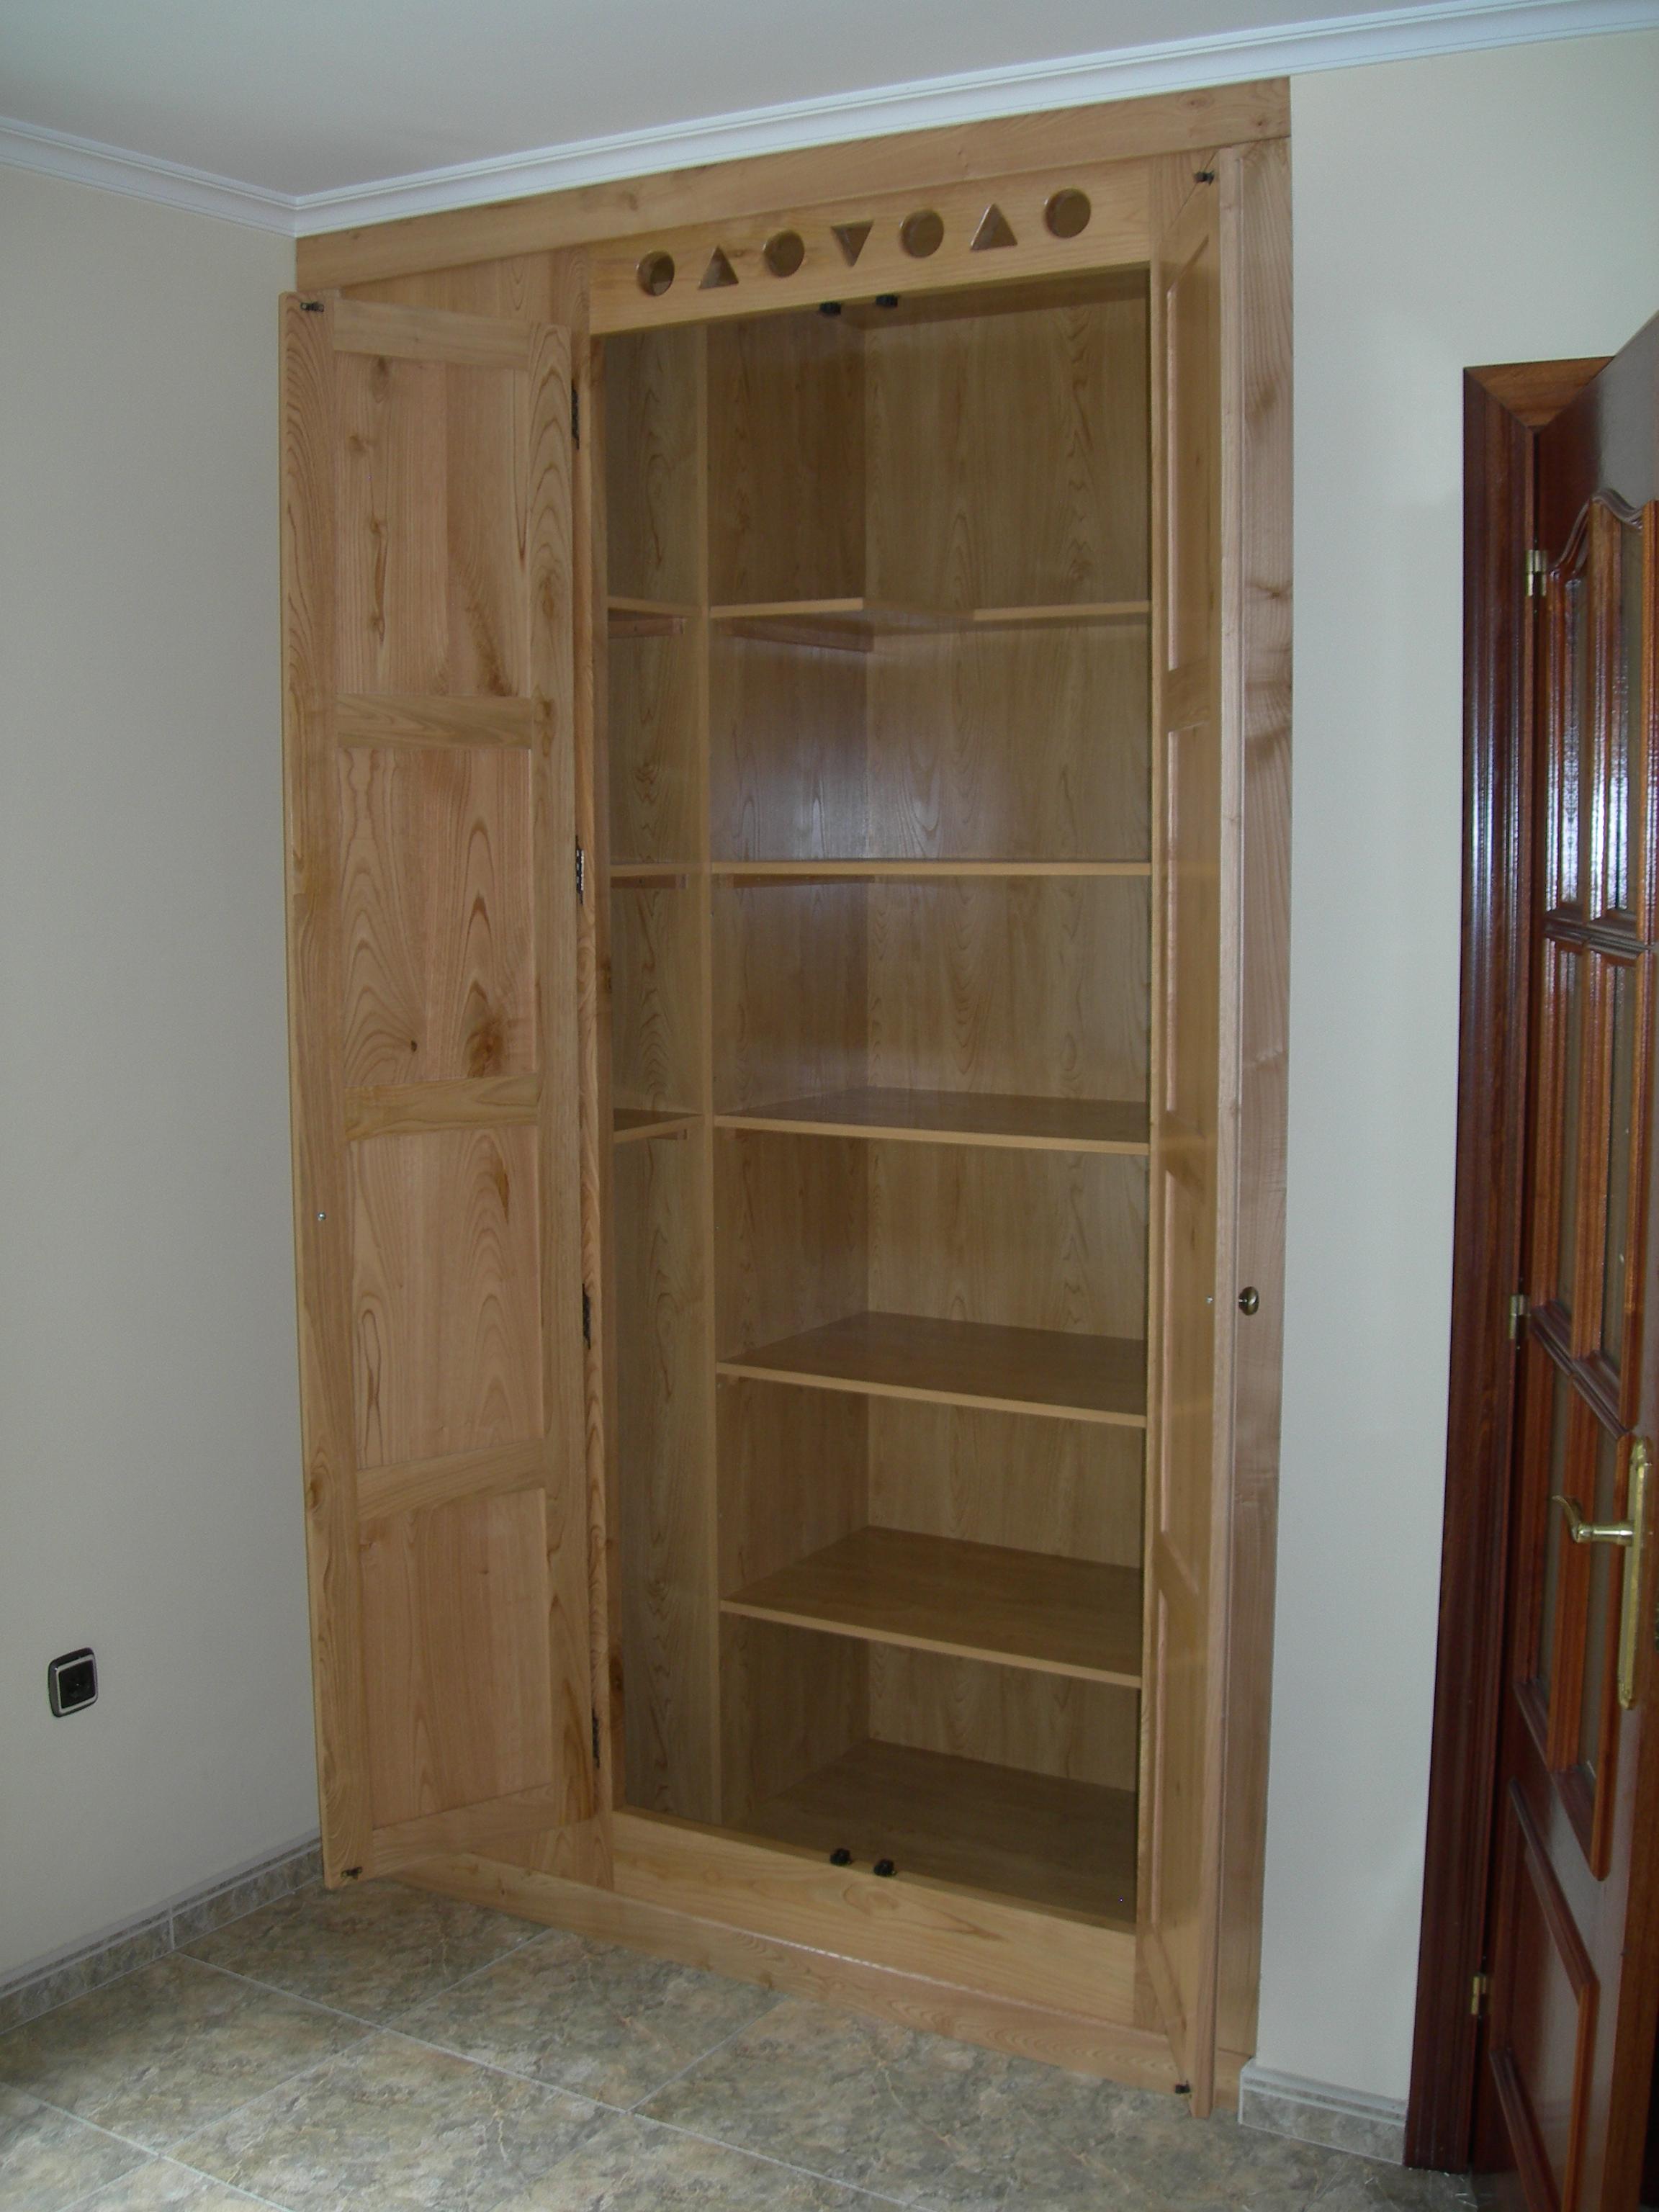 Mueble de cocina carpinter a ebanister a bra a for Muebles para despensa cocina